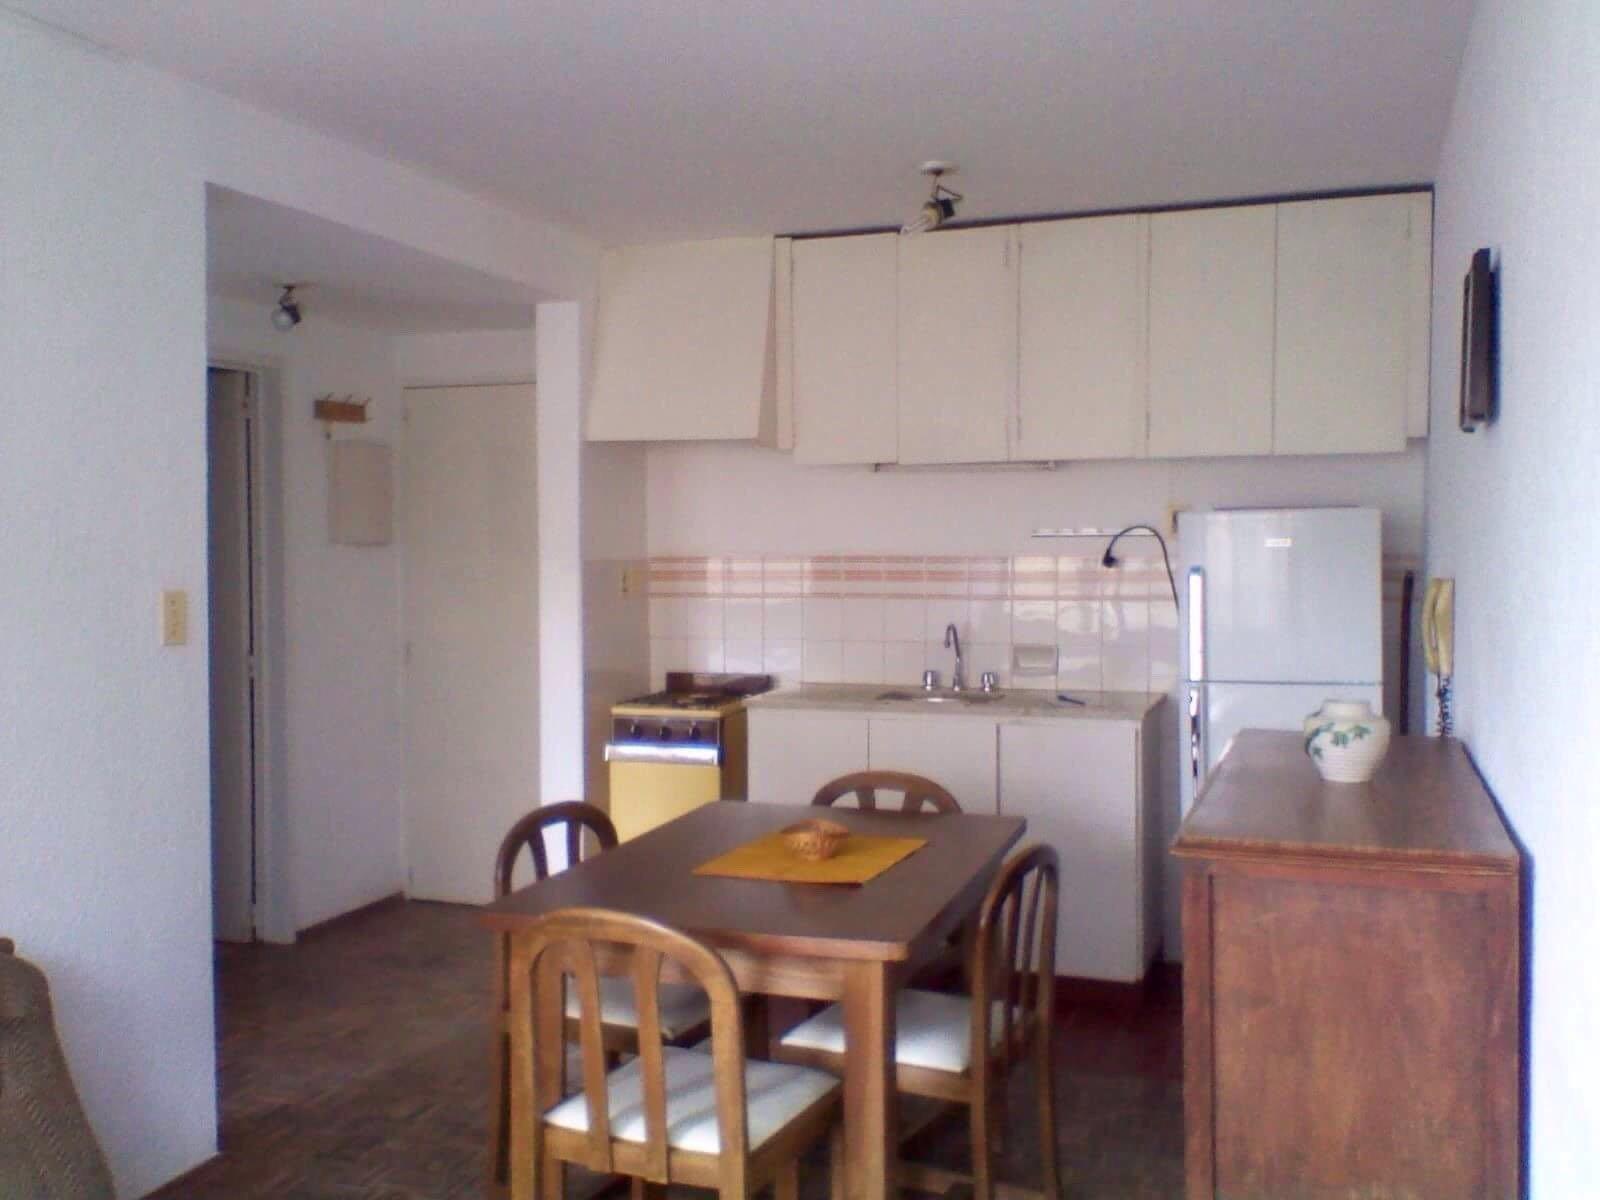 apartamentos en alquiler en alquilo apartamento con On muebles dormitorio uruguay